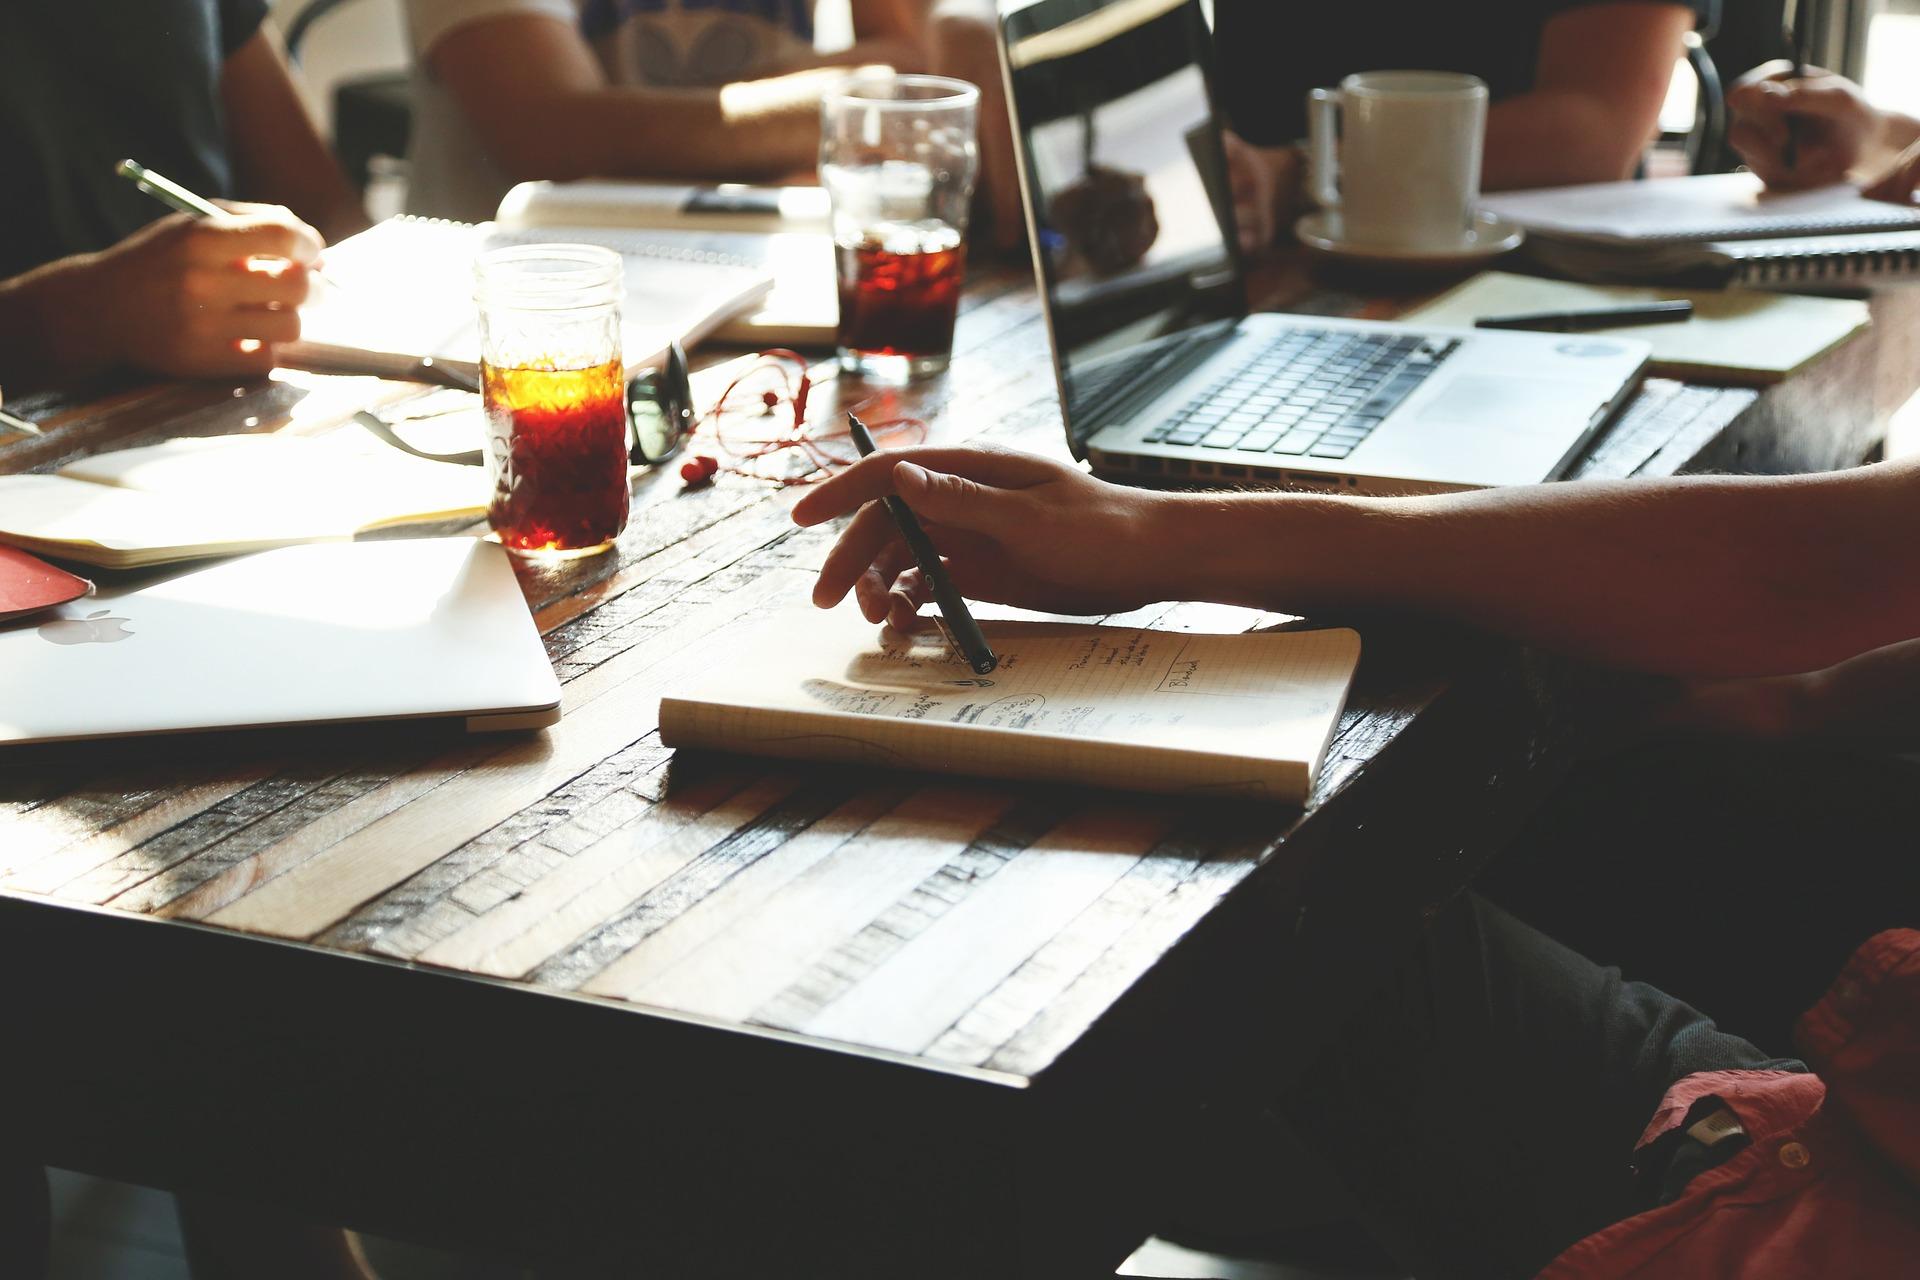 Personen sitzen um einem Tisch und sind am Arbeiten.